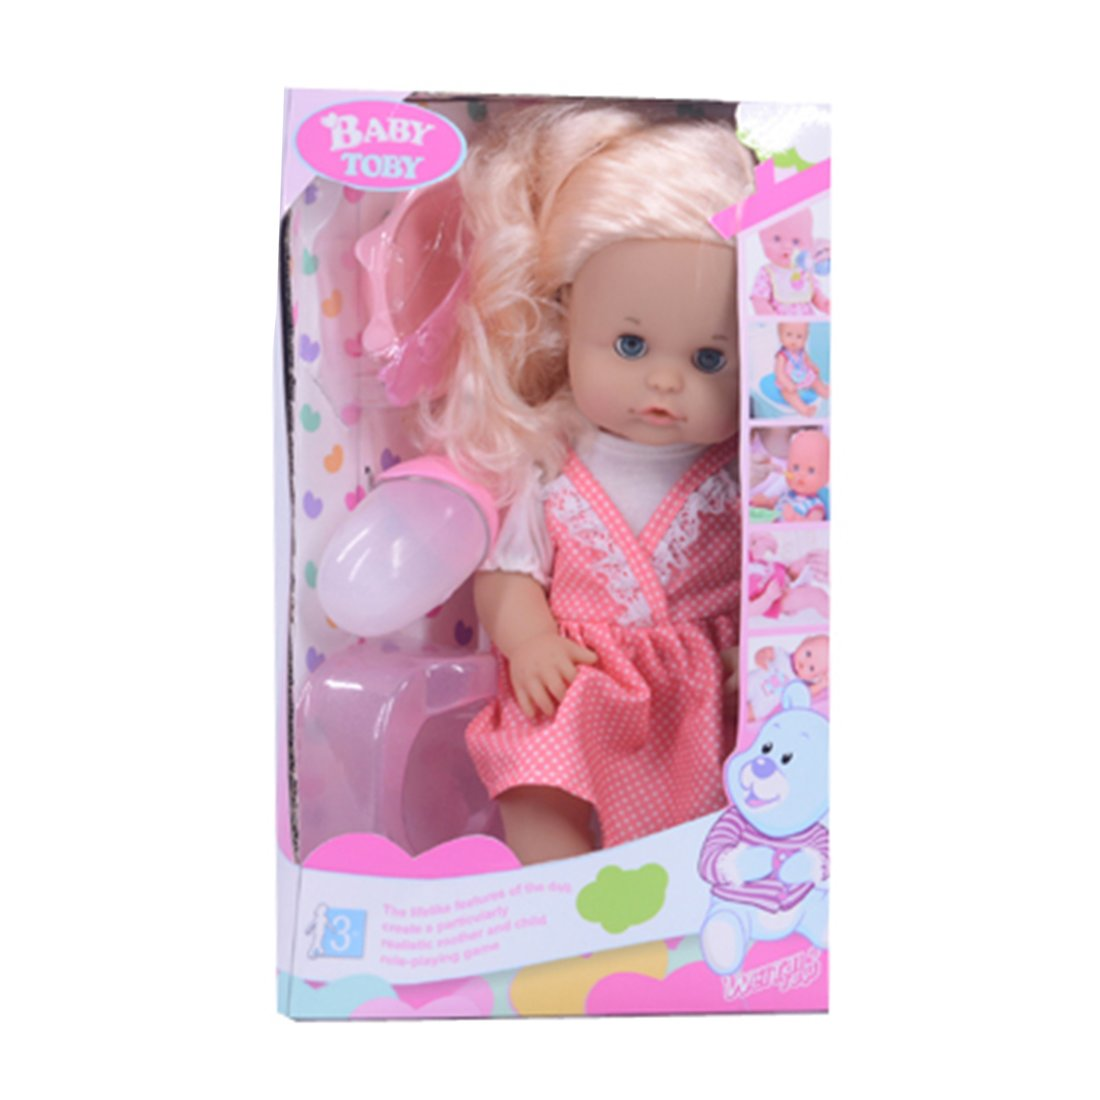 Купить Мой малыш, 31 см, пьет, писает, 4 предмета, коробка, Кукла Наша Игрушка Мой малыш, 4 предмета 319022C4, Наша игрушка,